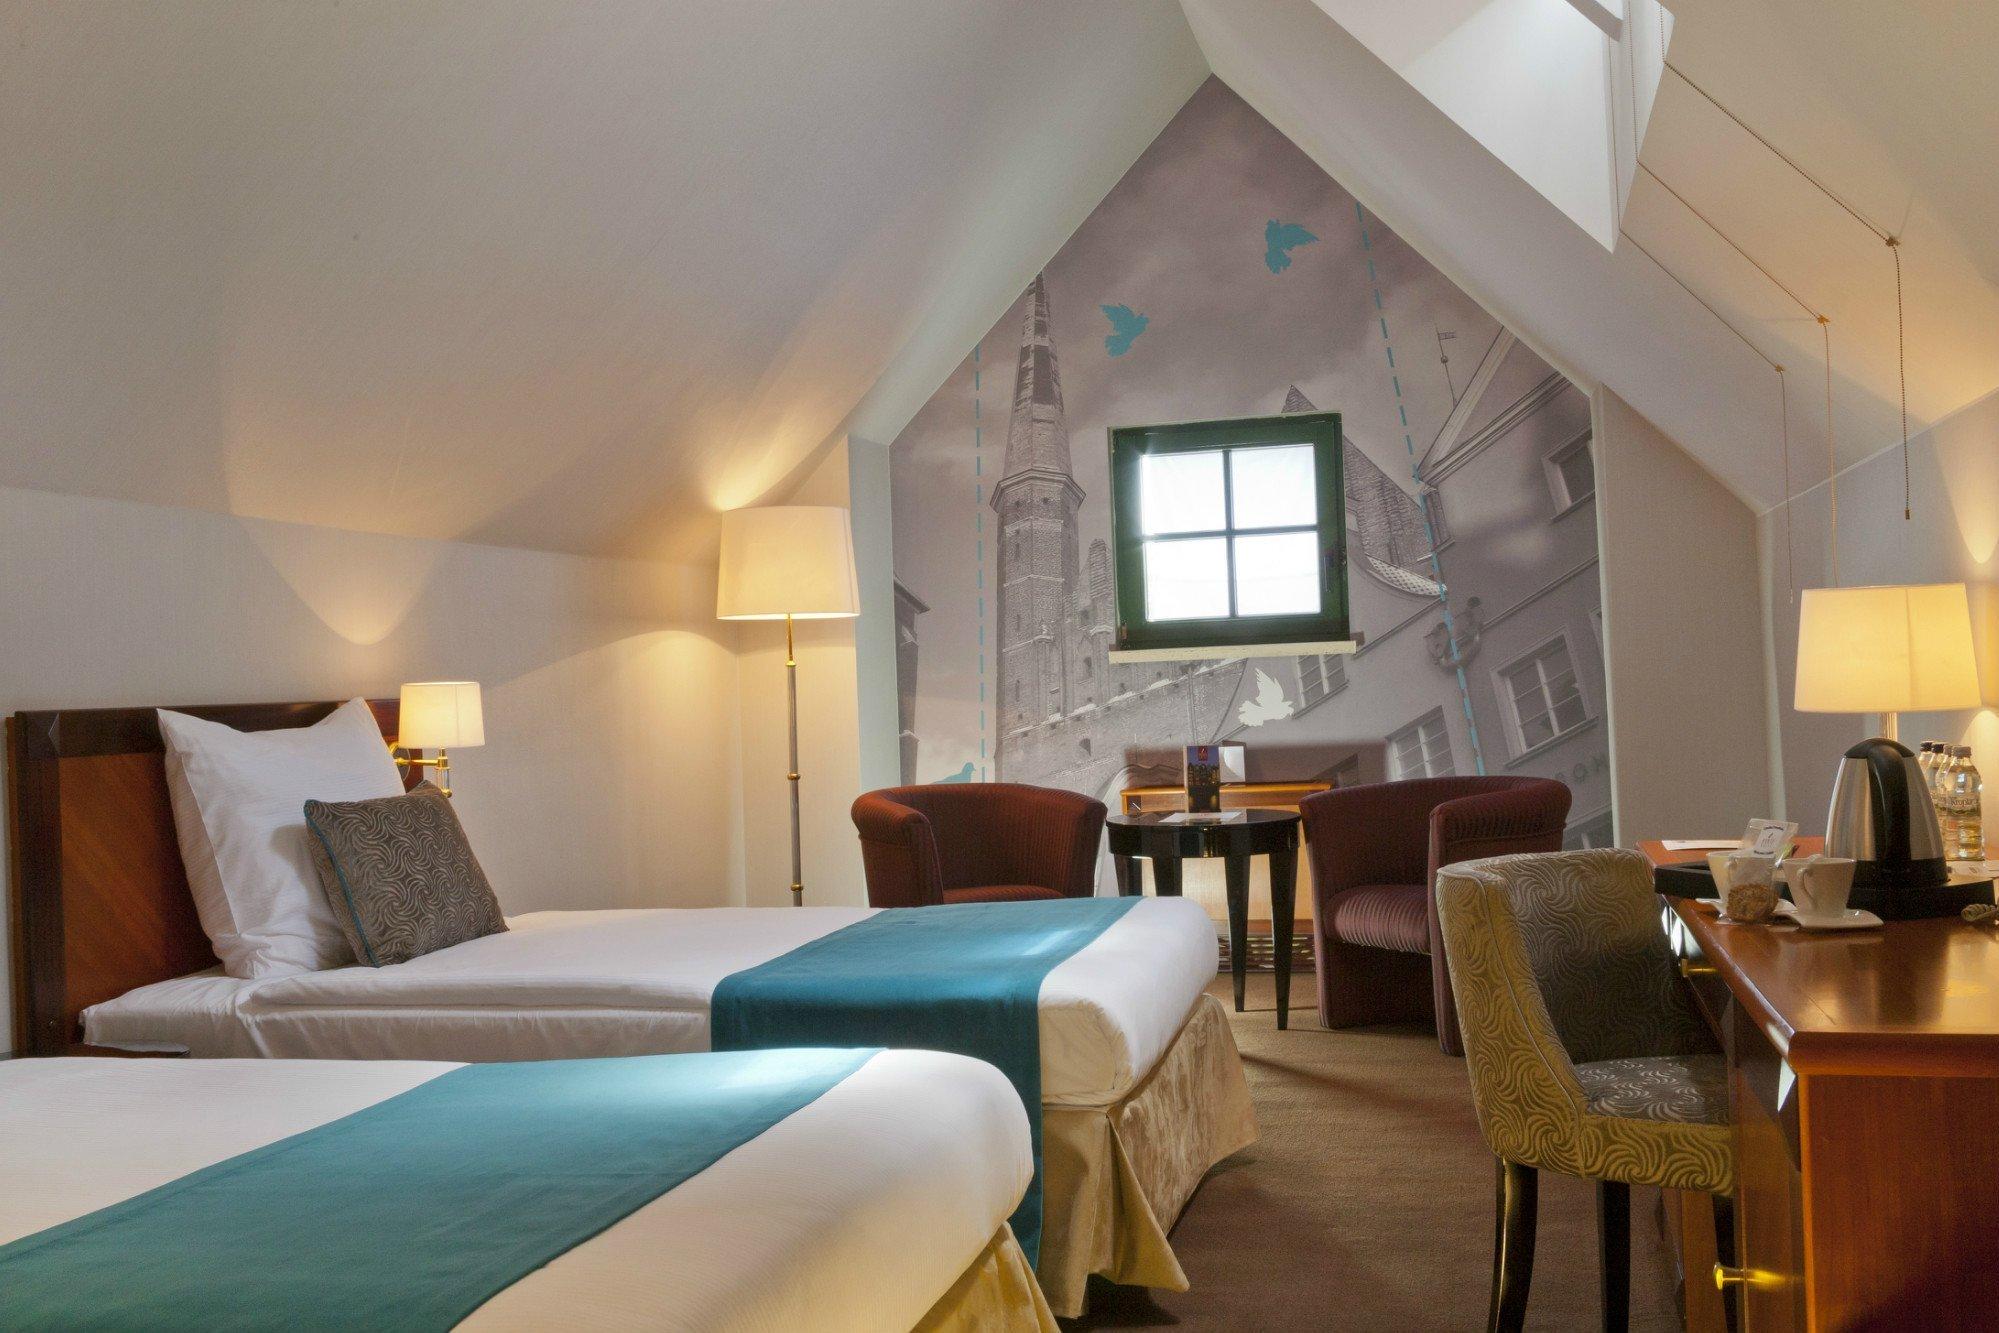 Gwiazdki hotelowe – tajemnice ich przyznawania